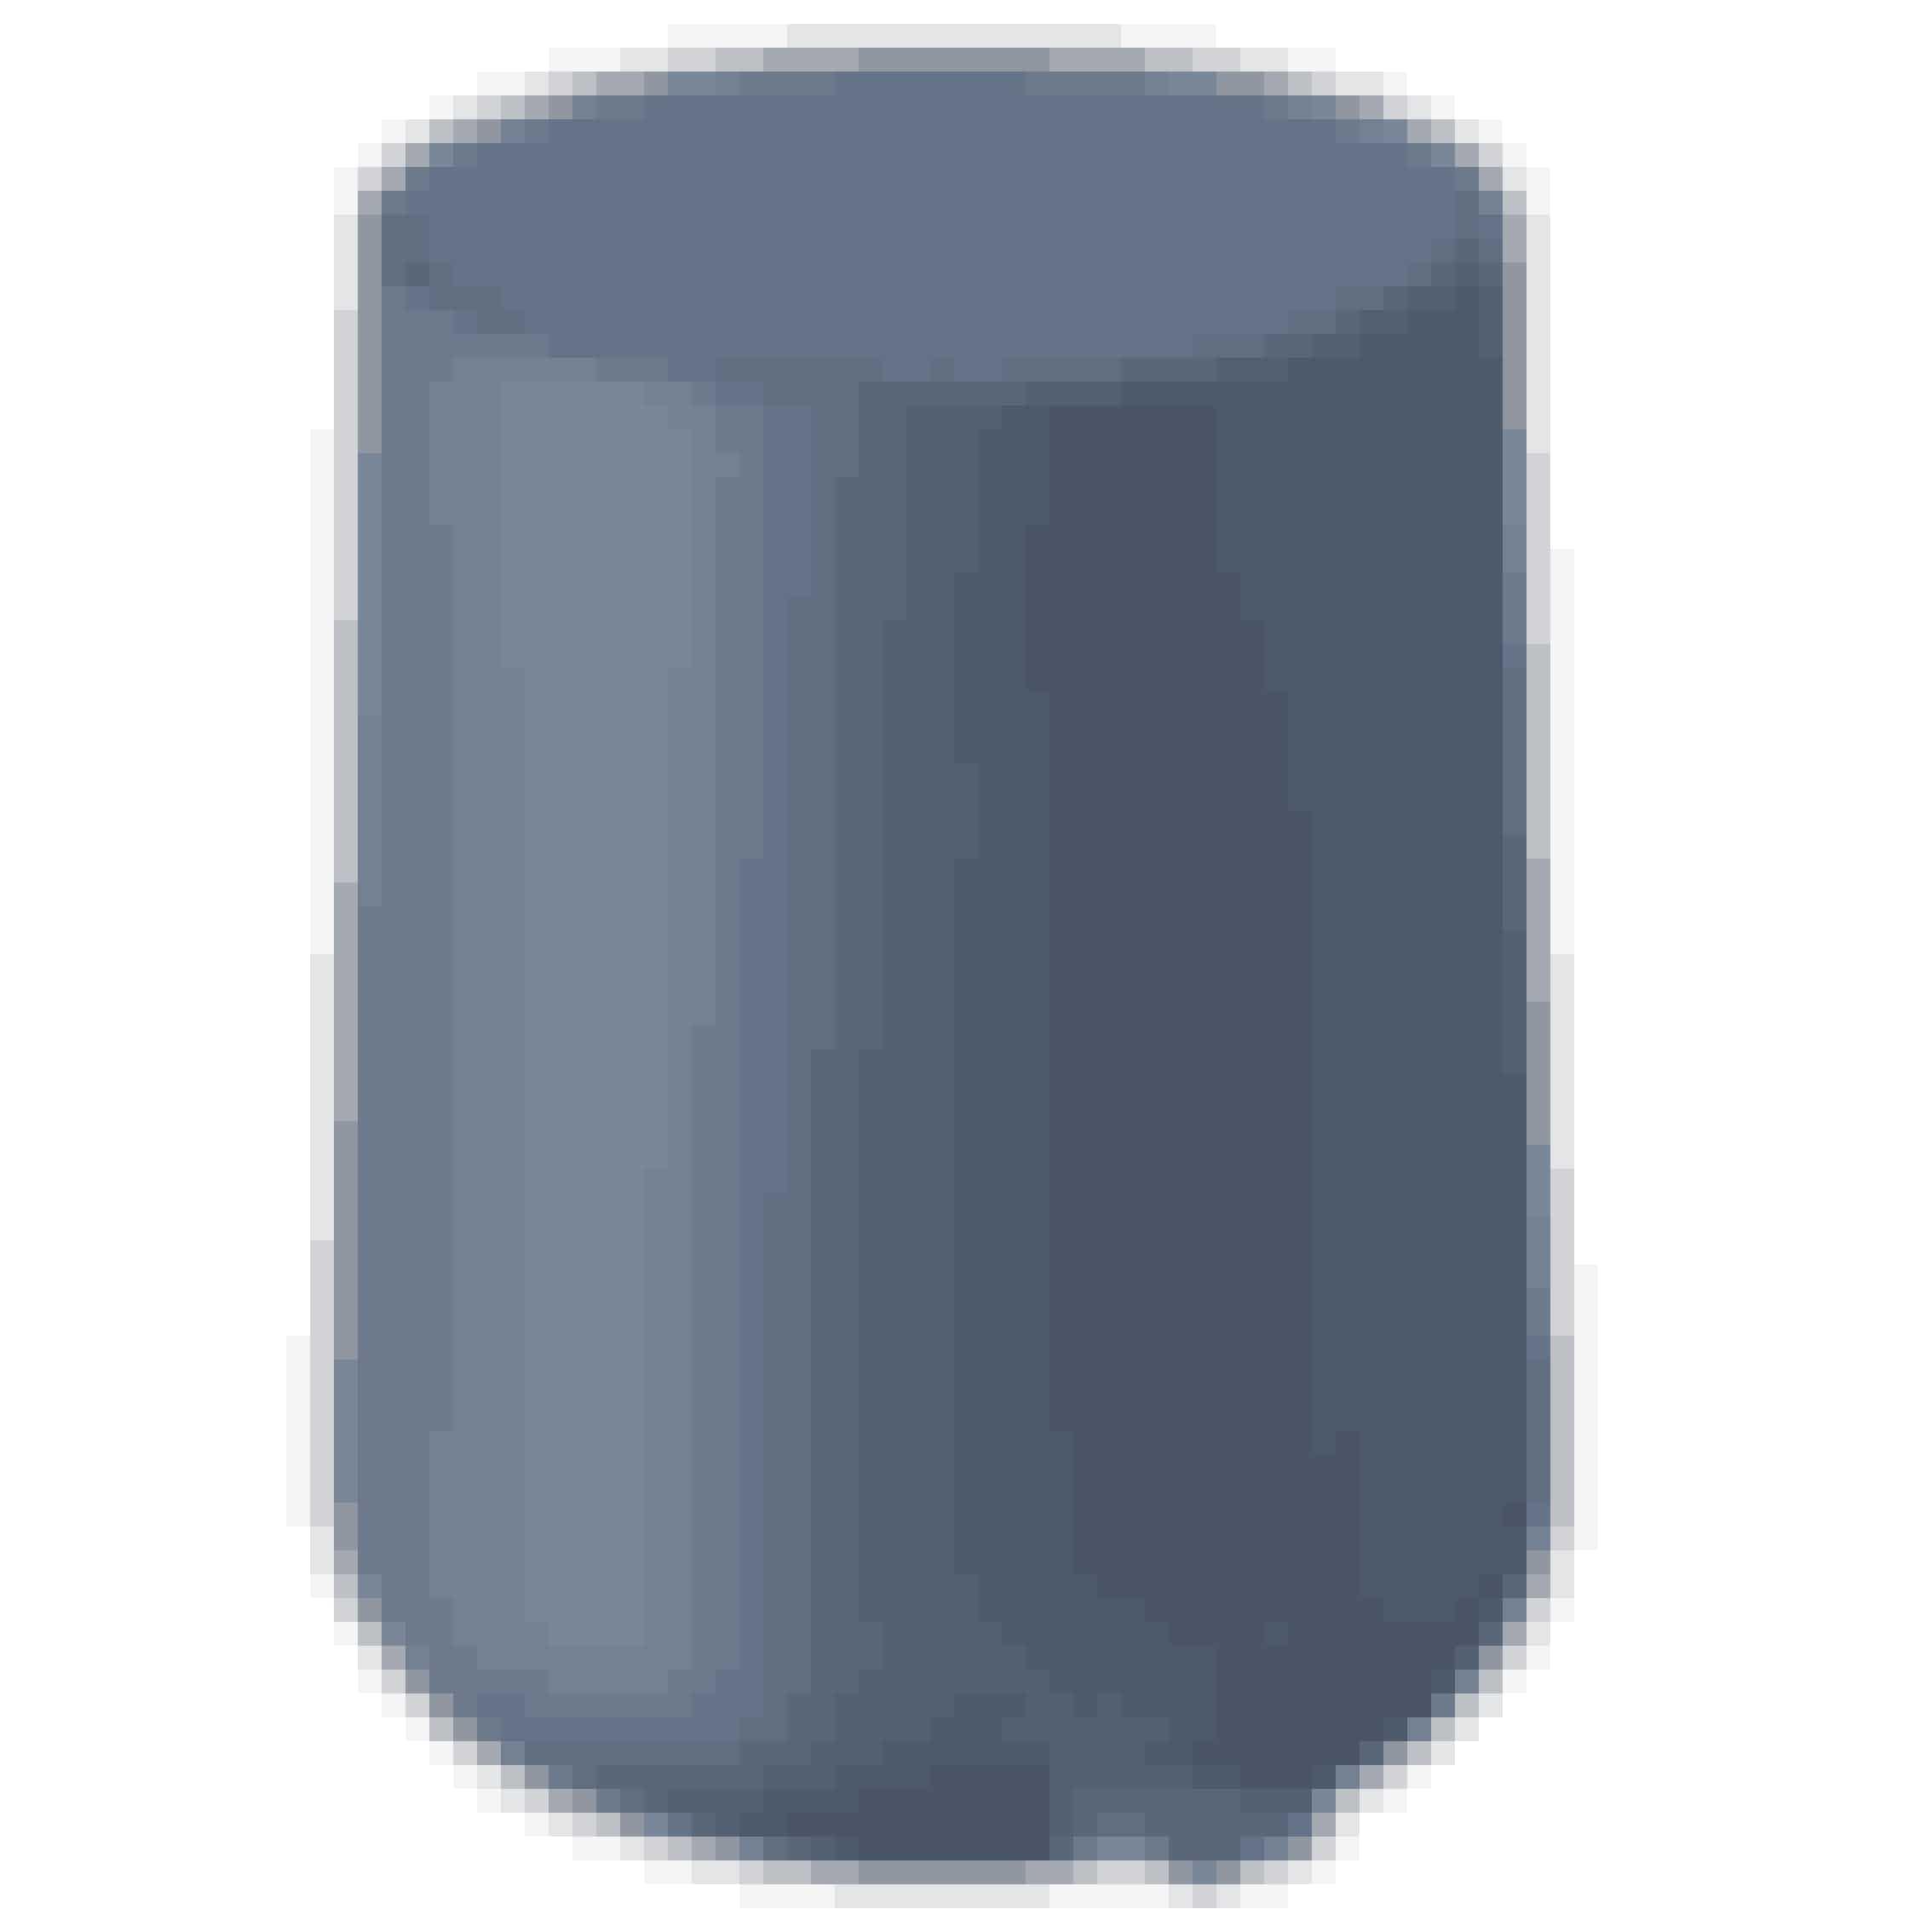 Pedalspand, findes i flere farver, h 29 cm, diam. 23 cm, 499 kr. Zone hos sinnerup.dk